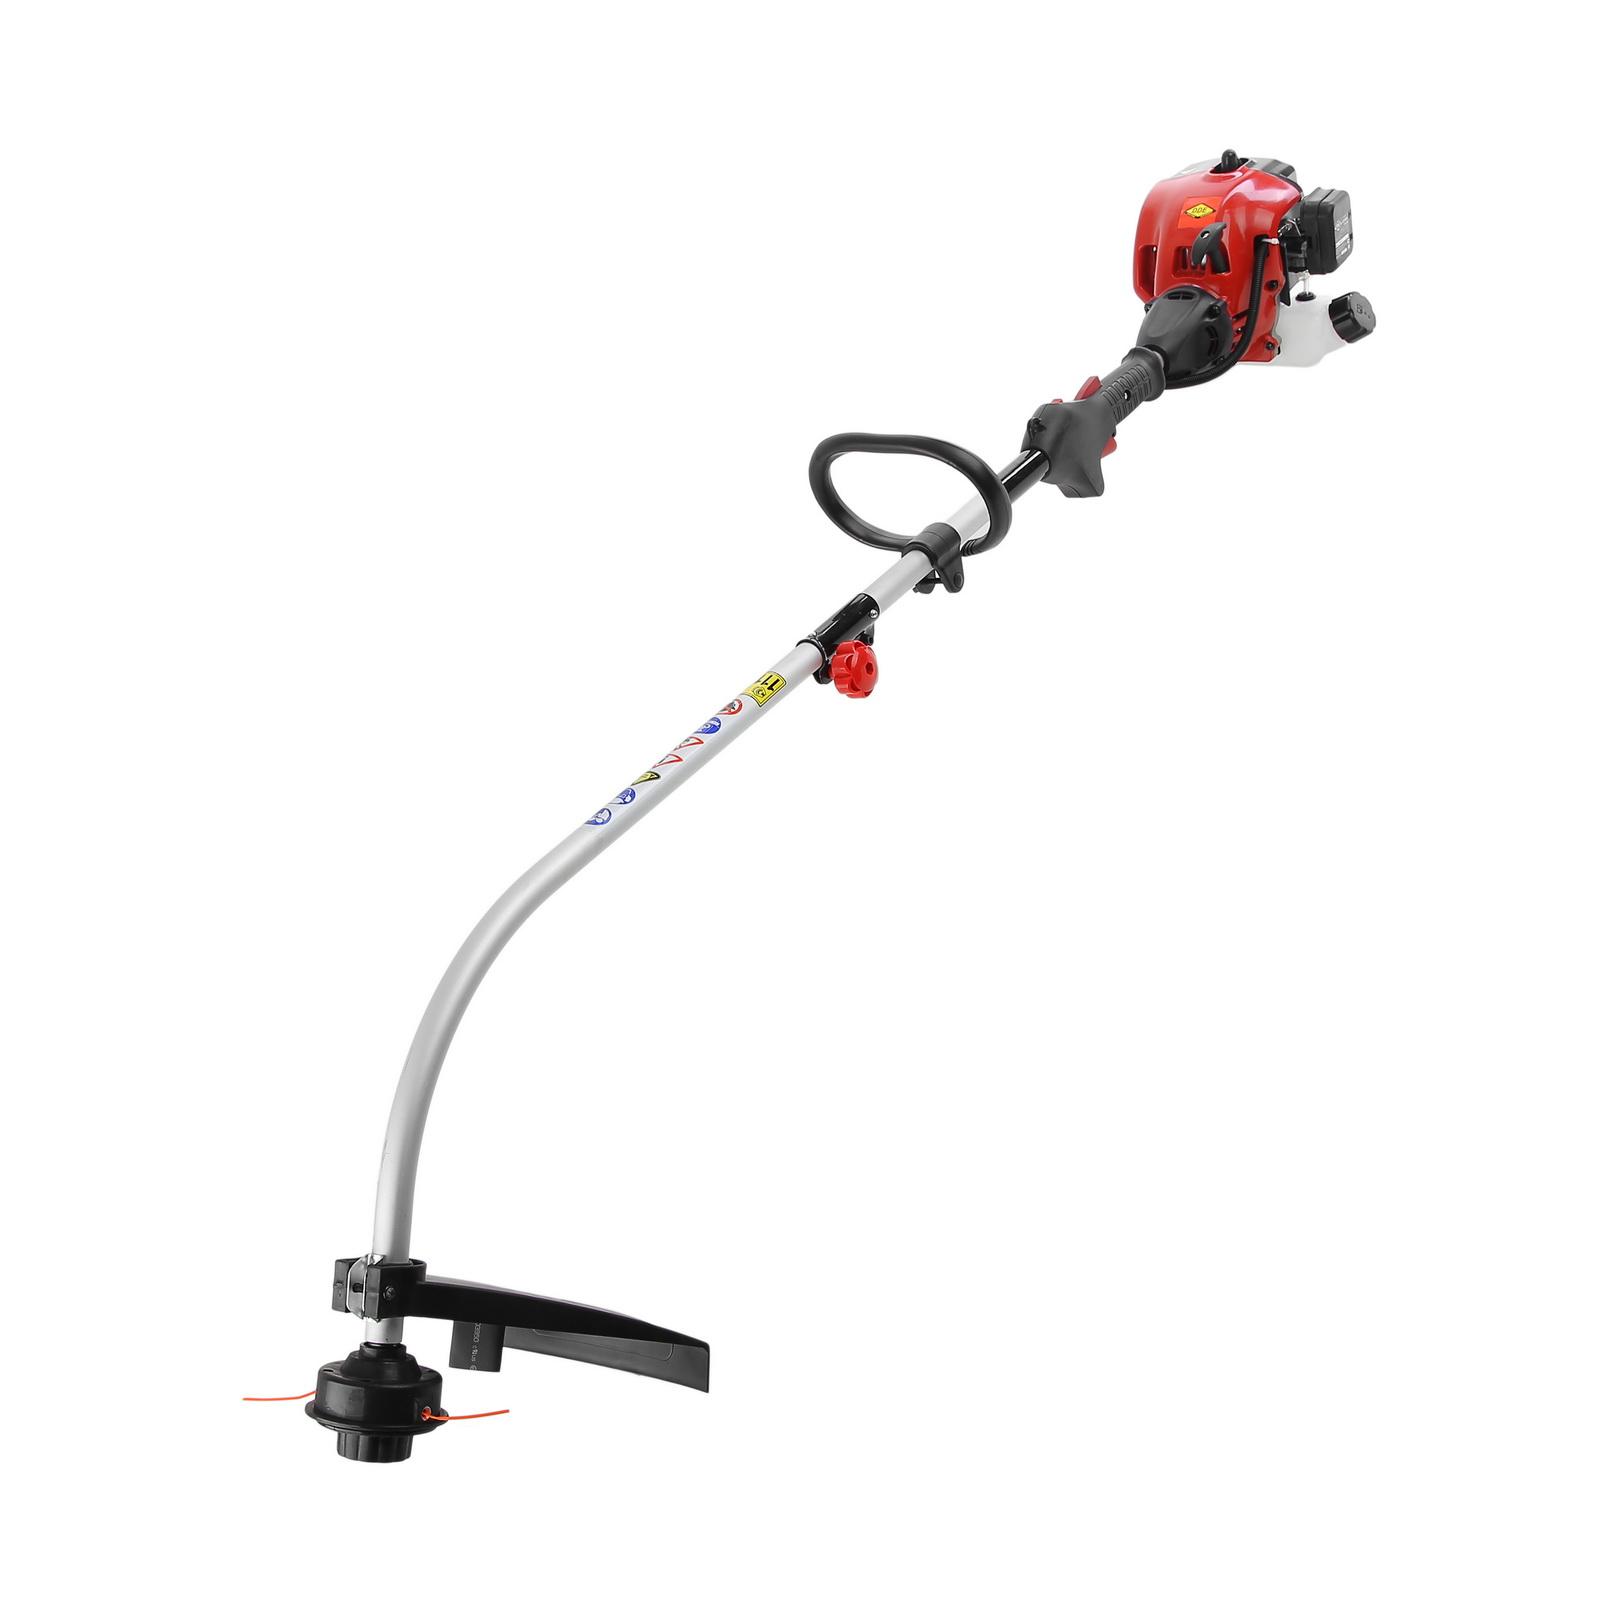 Бензиновый триммер DdeМотокосы (бензотриммеры)<br>Тип триммера: бензиновый, Мощность (лс): 1, Двигатель: 2-х тактный, Рабочий объем: 25, Бак: 0.5, Ширина обработки: 400, Штанга: изогнутая, Разъемная штанга: есть, Форма ручки: D-образная, Тип режущего инструмента: леска, Макс. диаметр лески: 2.0, Уровень шума: 99, Свеча: DDE PR5Y, Легкий запуск: есть, Вес нетто: 4.6<br>